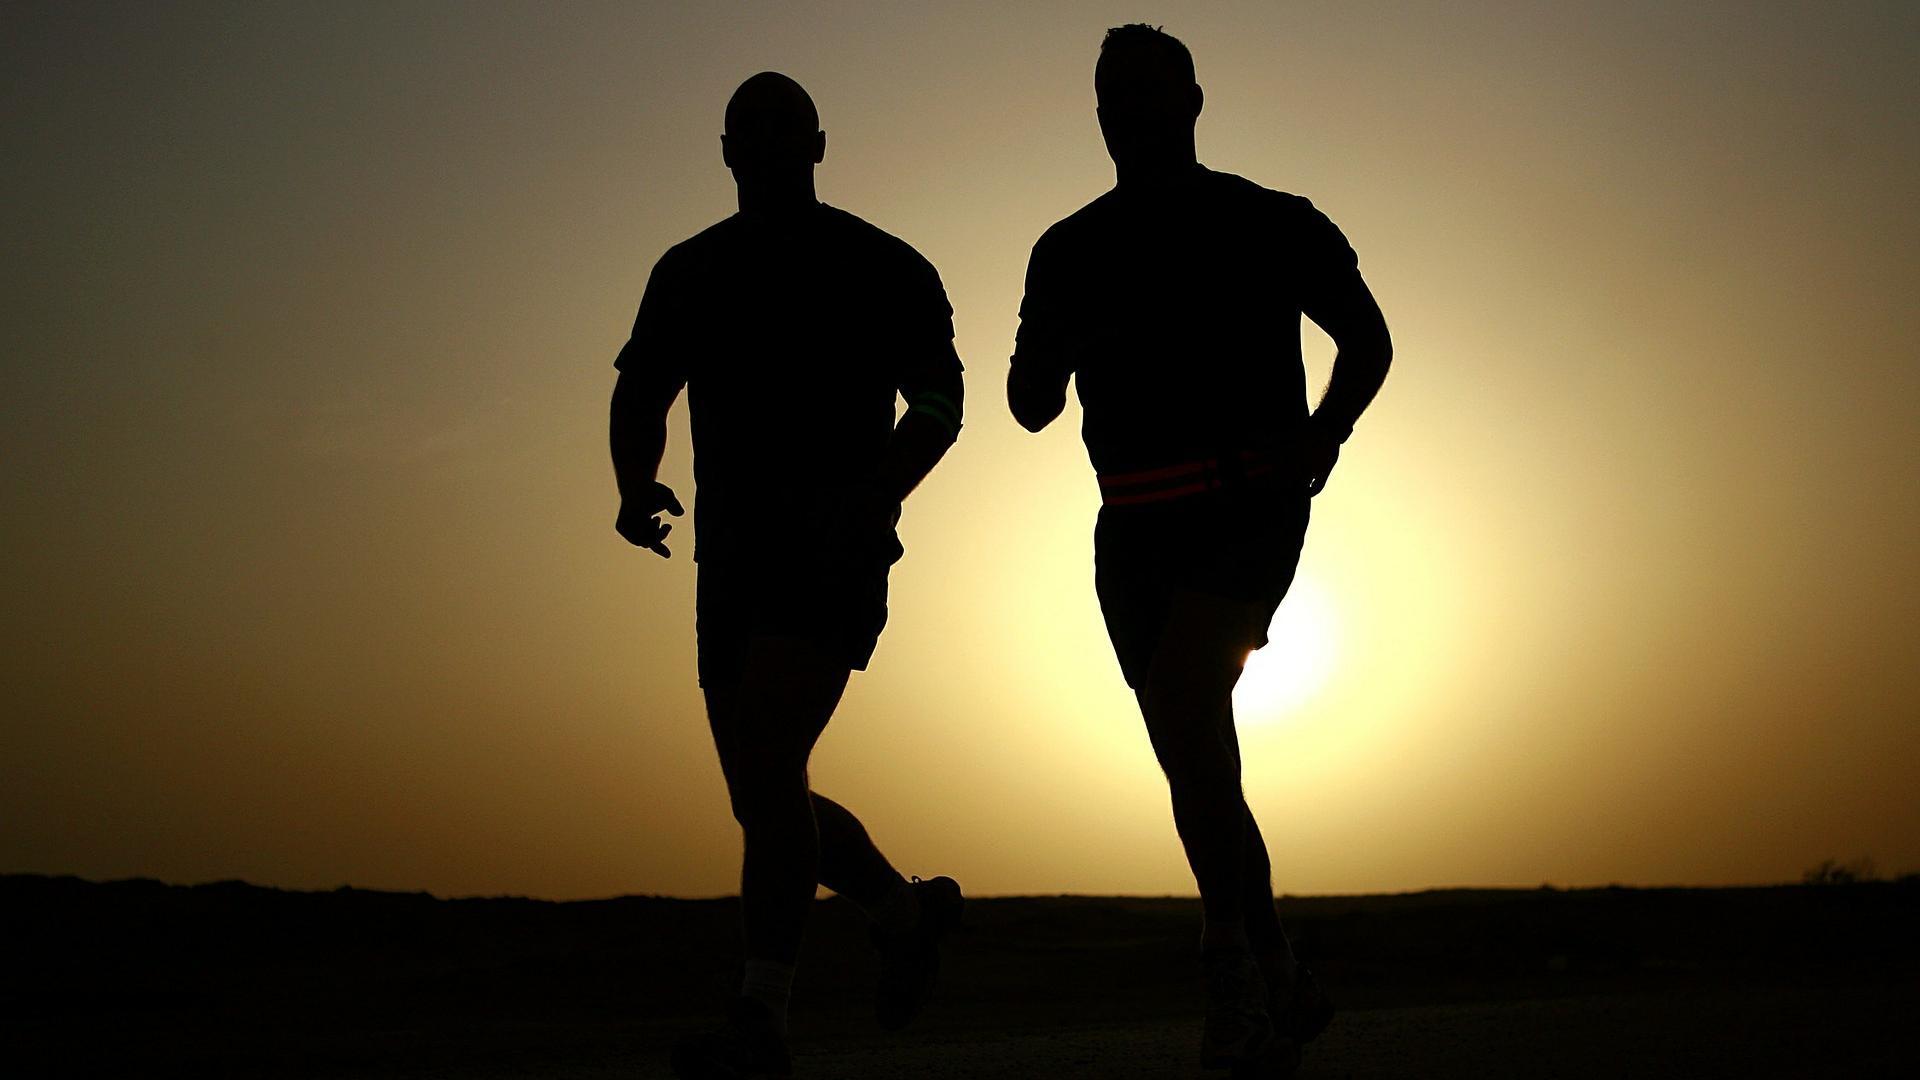 Symptome des Roemheld-Syndroms sind unangenehm. Mit viel Bewegung und guter Ernährung können Sie diese aber beheben.